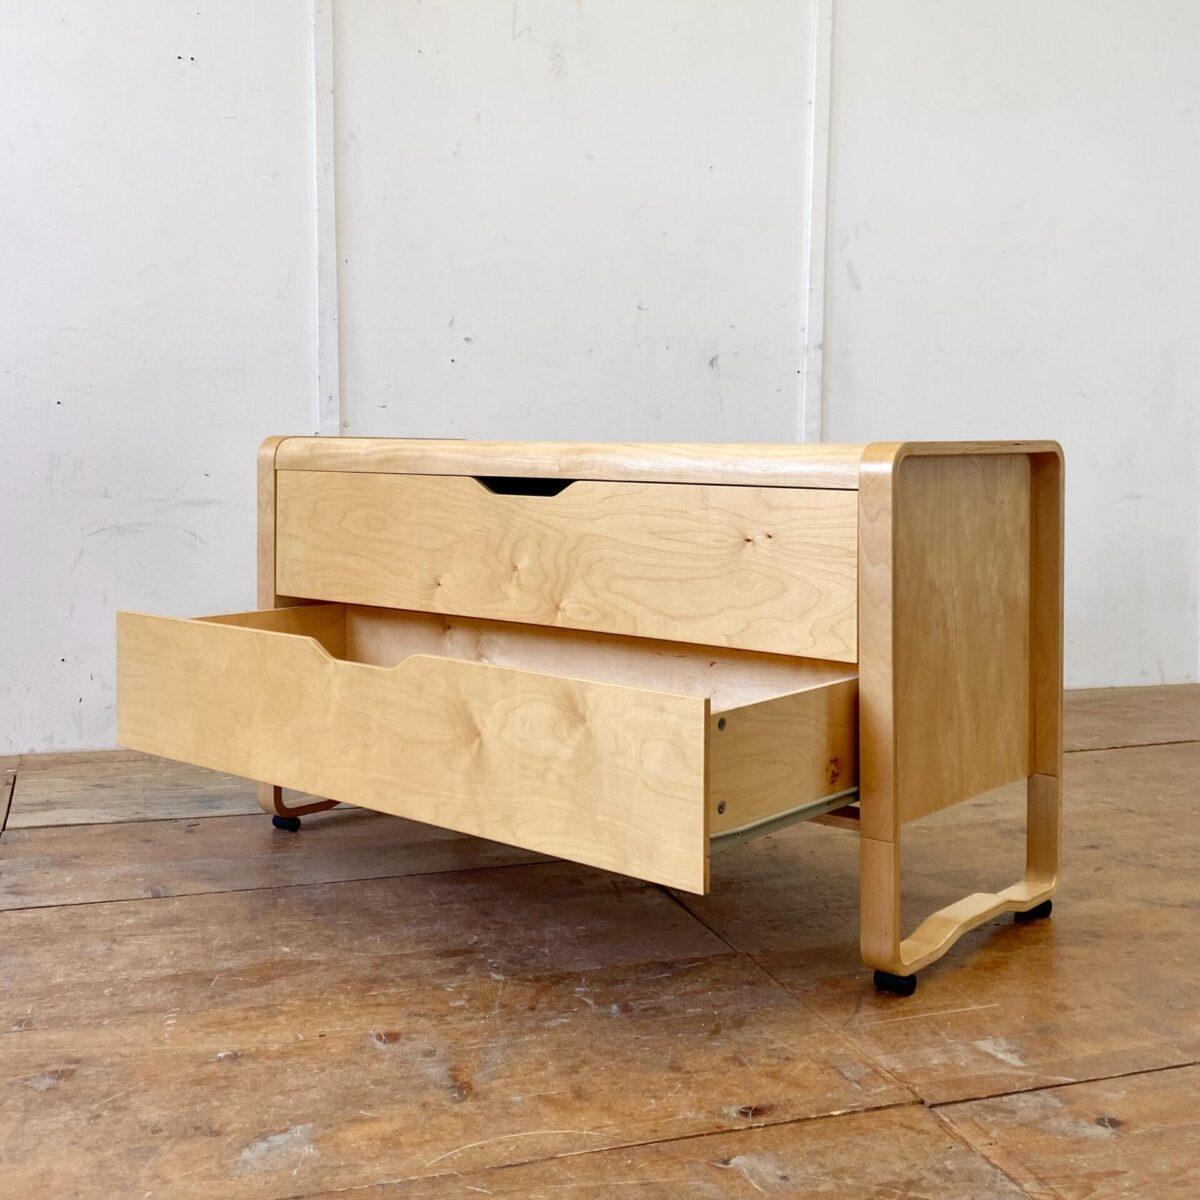 Deuxieme.shop Alvar Aalto Sideboard. Helle Birkensperrholz Kommode mit zwei Schubladen. 130x50cm Höhe 71cm. Neueres qualitativ gut verarbeitetes Sideboard mit abgerundeten Formsperrholz Kanten. Das Möbel steht auf zwei Kufen-artigen Seitenteilen mit runden Füssen.